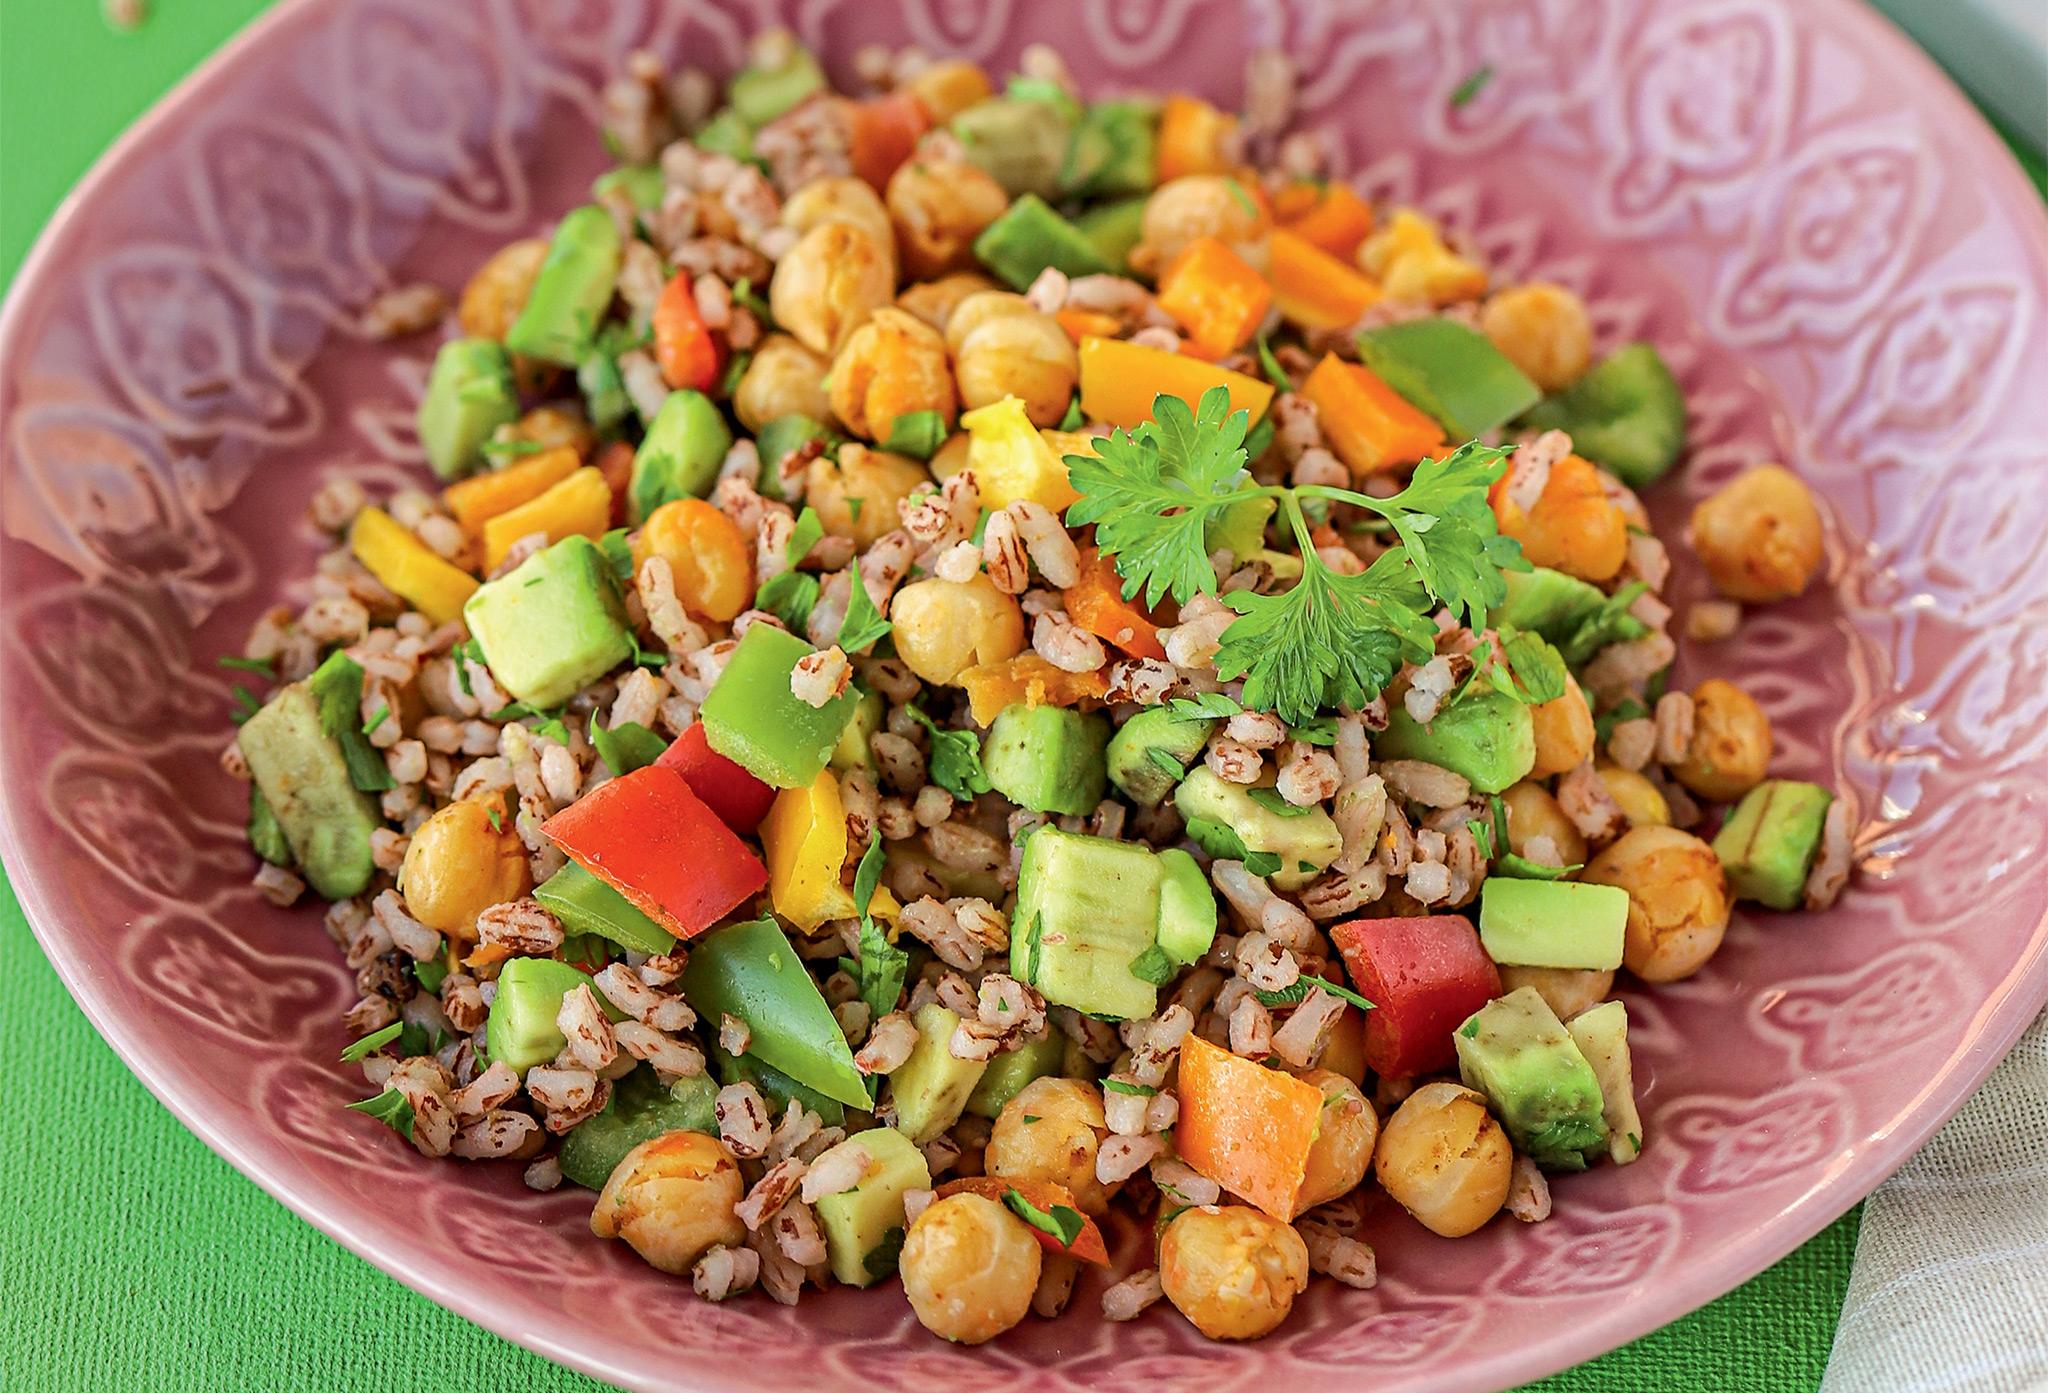 Салат из бурого риса с нутом, болгарским перцем и авокадо